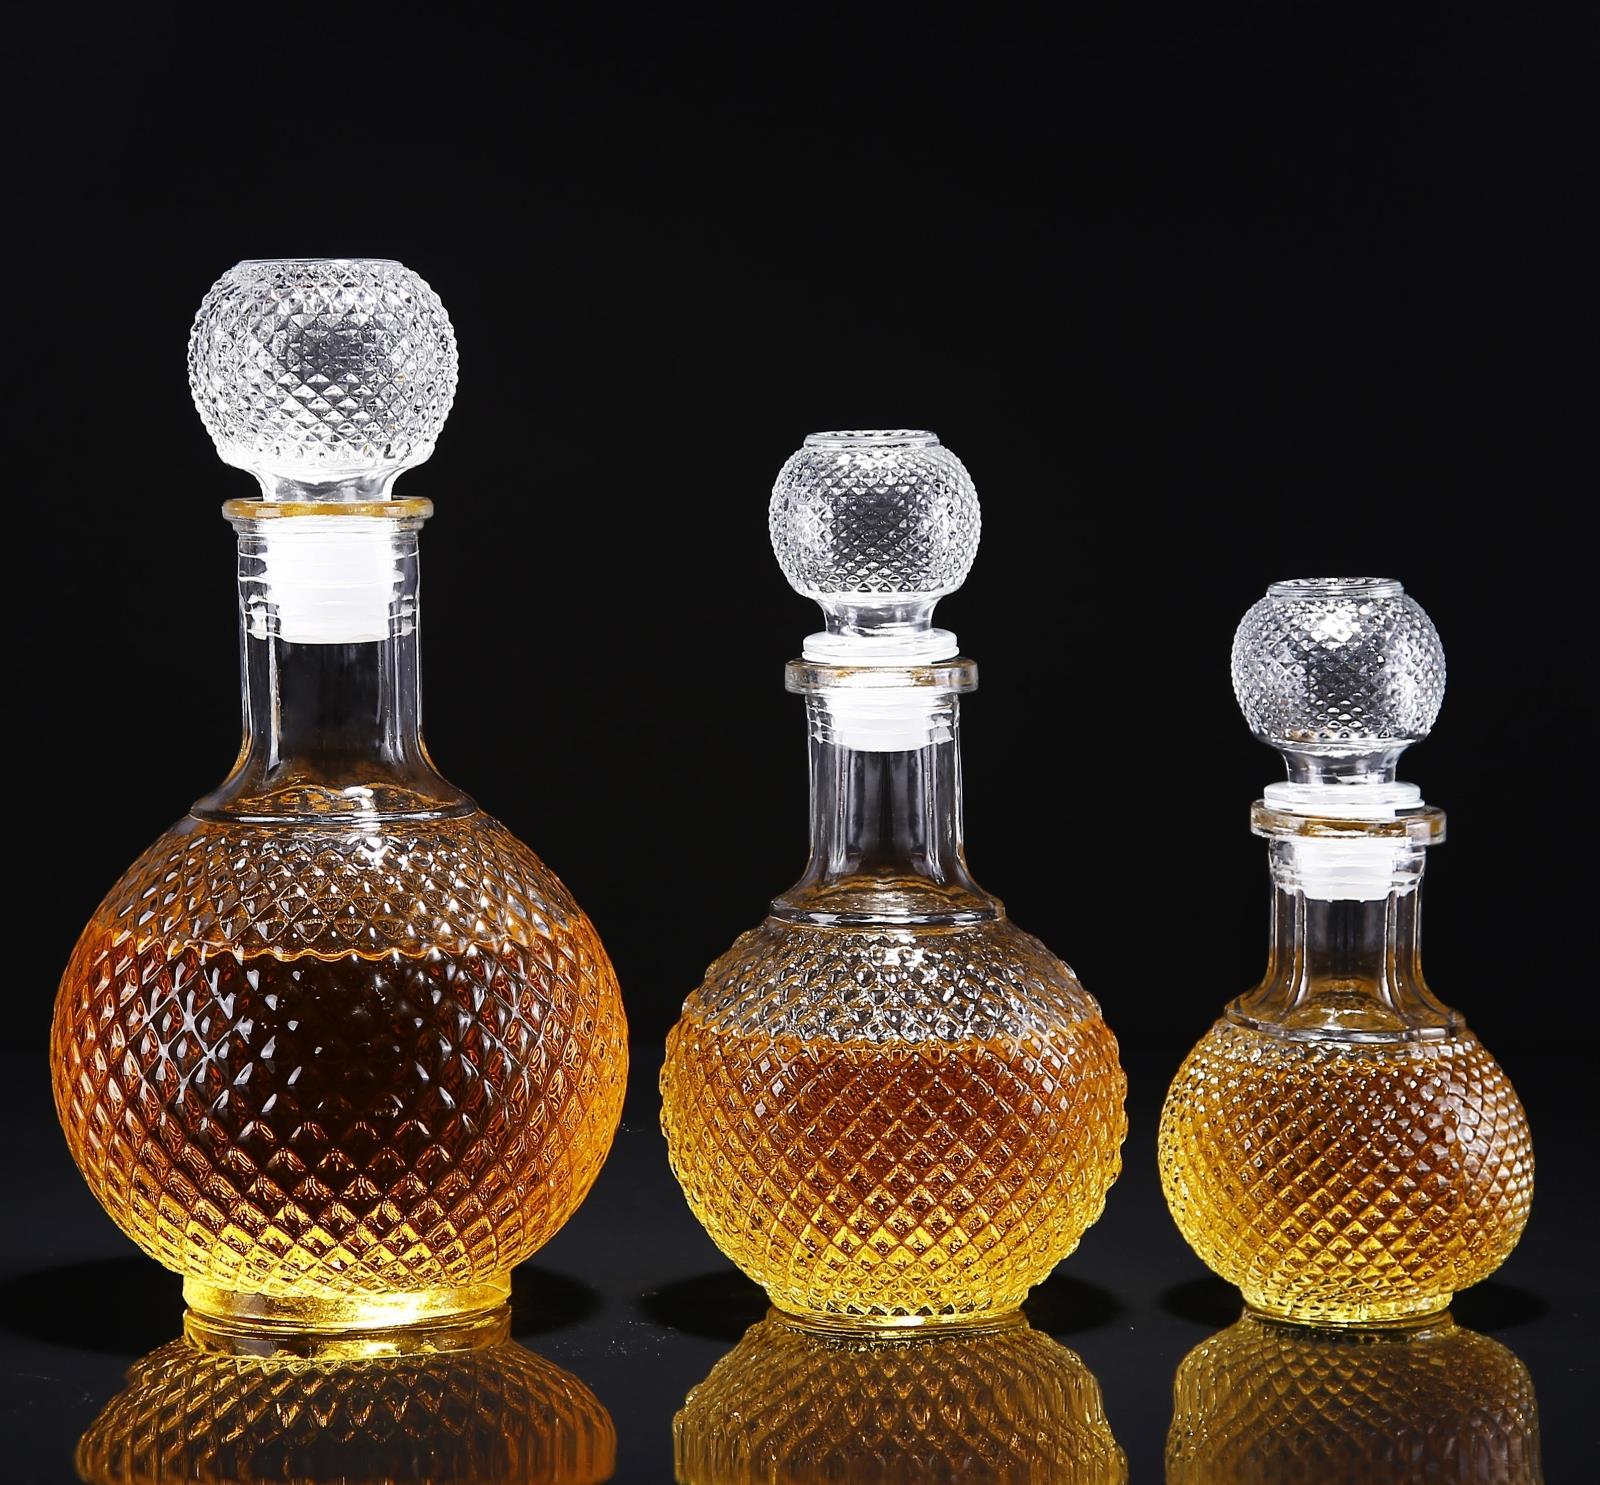 钻石酒瓶-玻璃瓶酒瓶